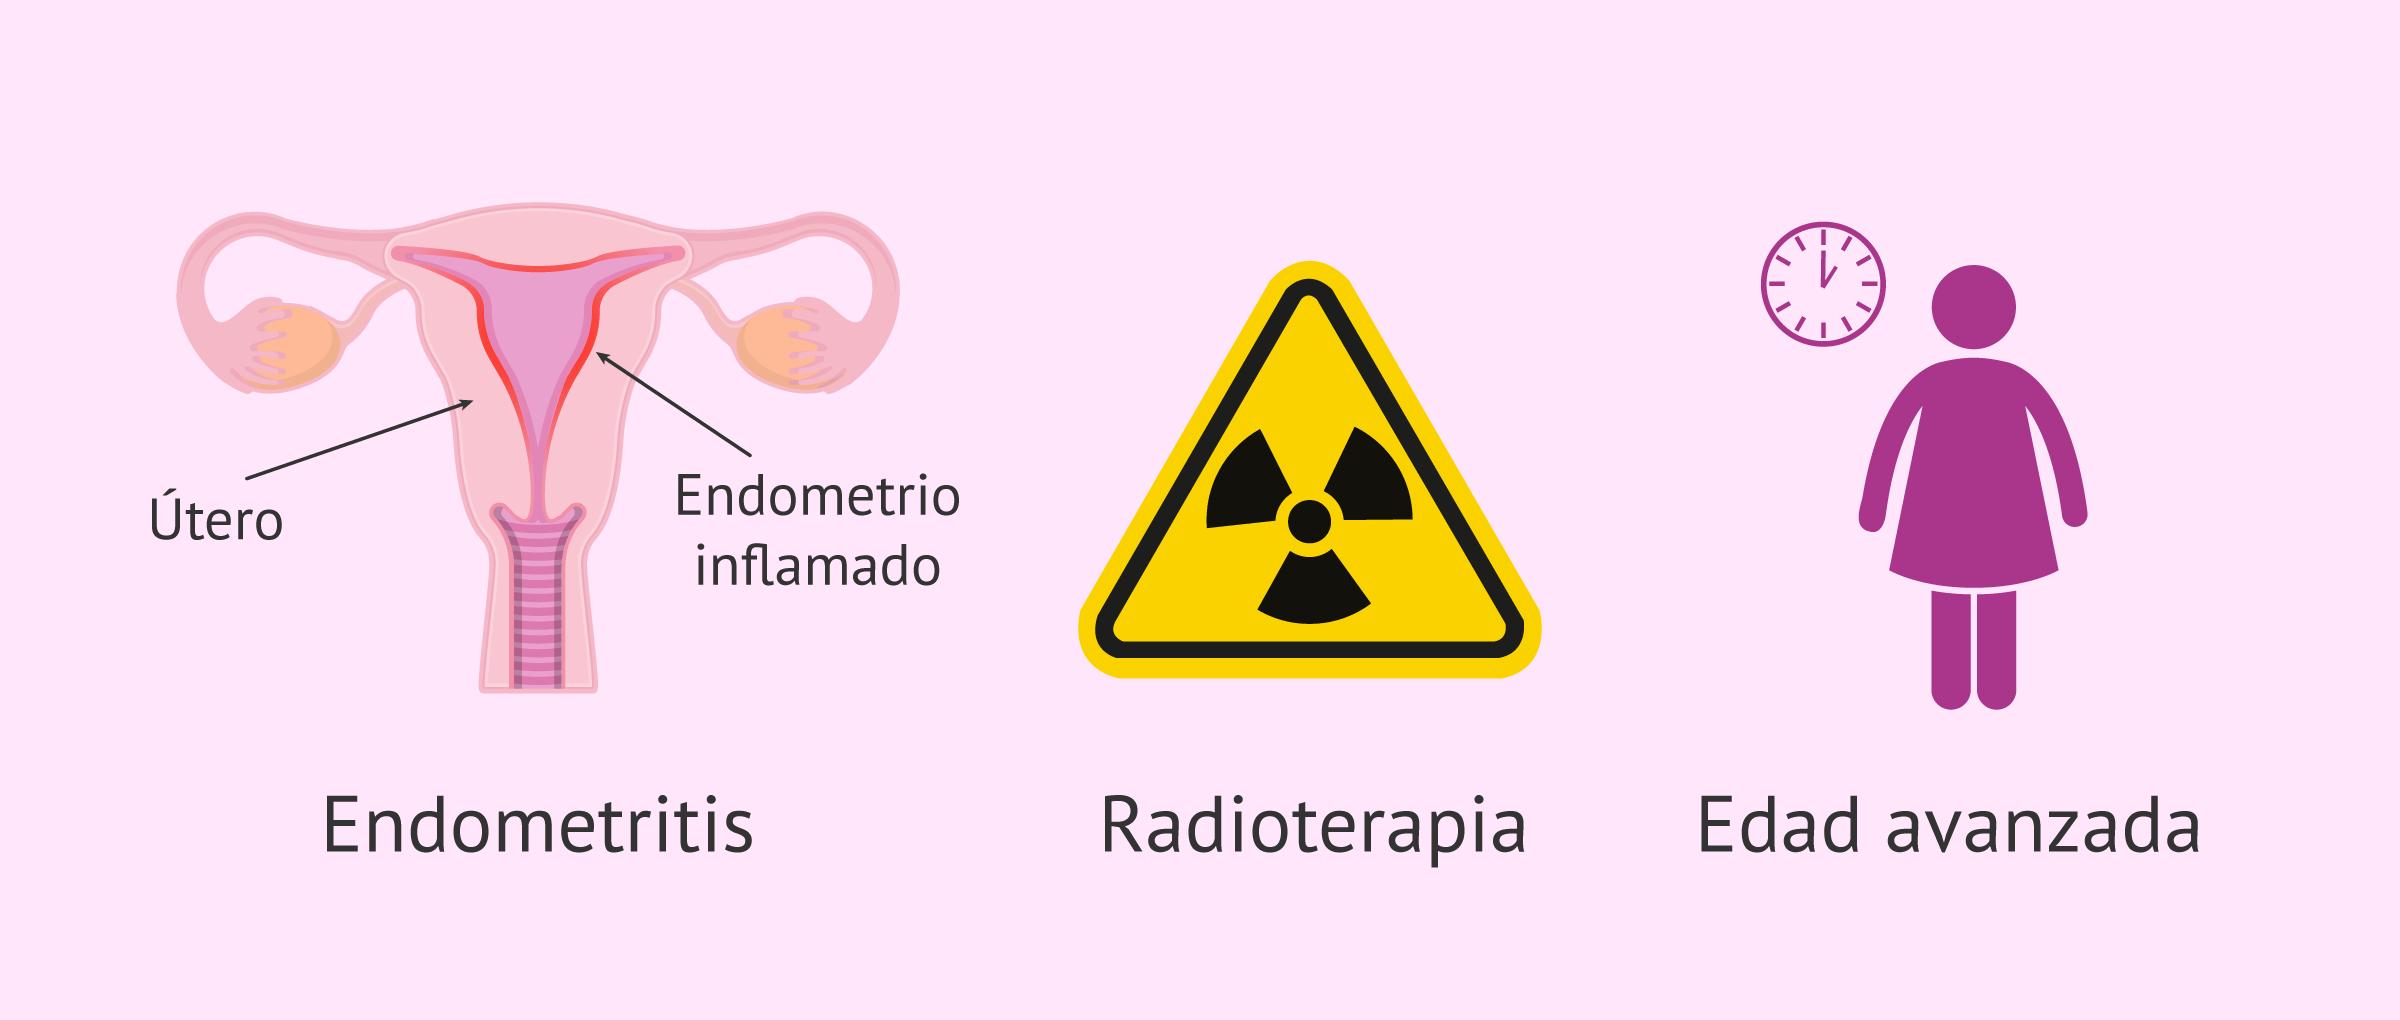 causas-del-endometrio-refractario